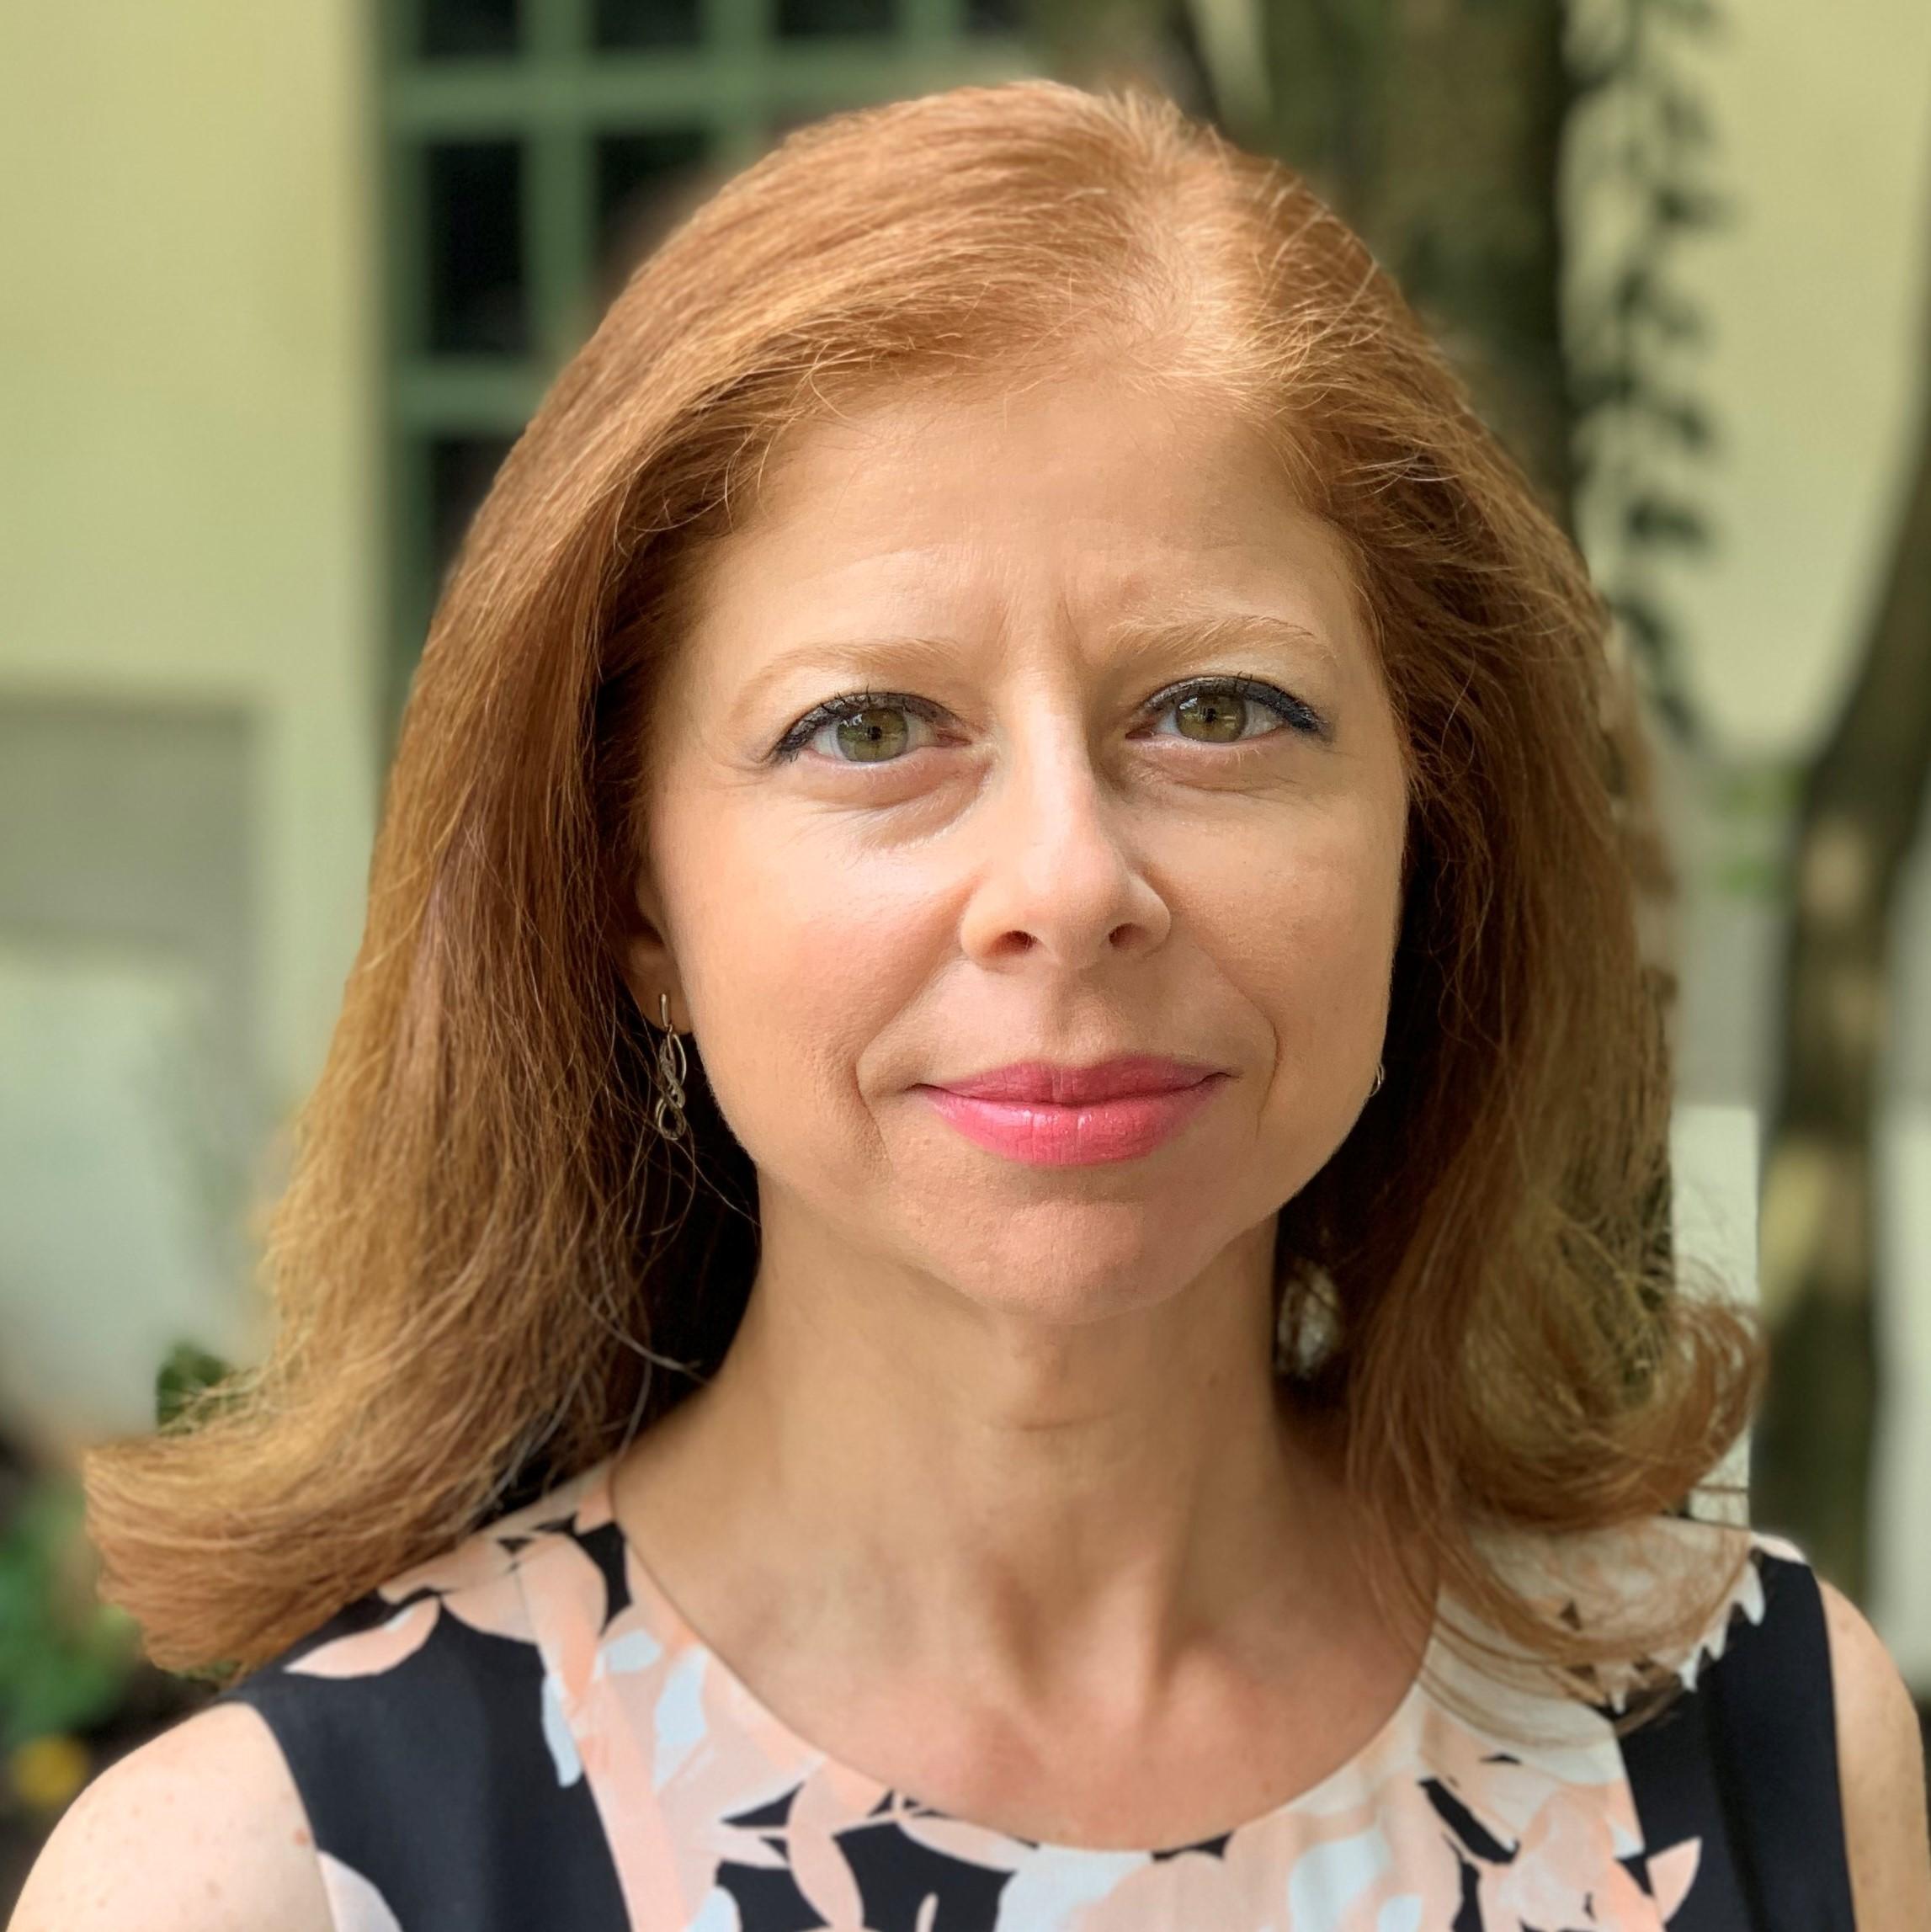 Anna Lekht, Principal